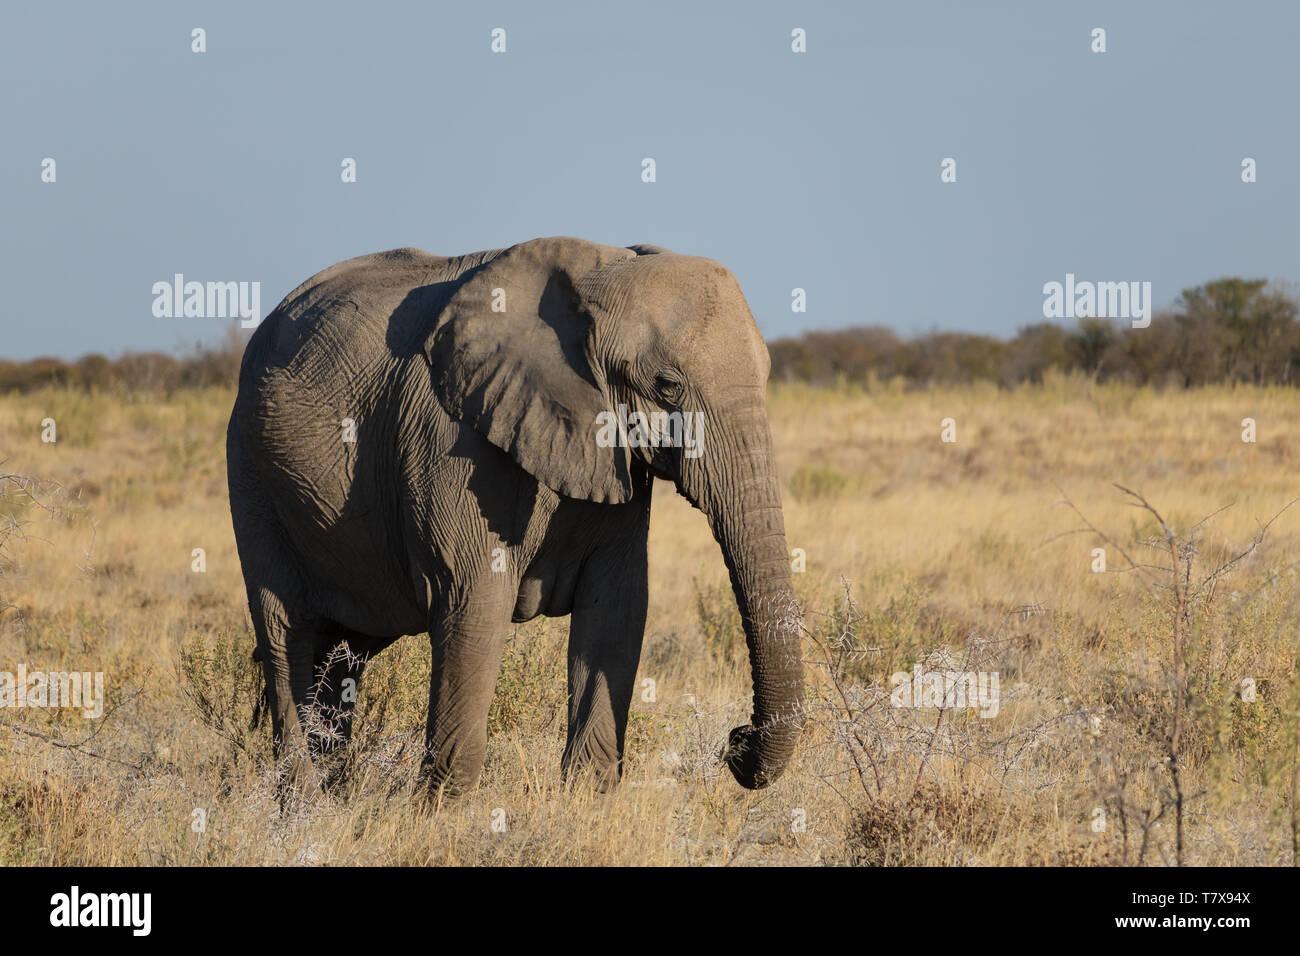 Elephants in Etosha National Park, Namibia Stock Photo